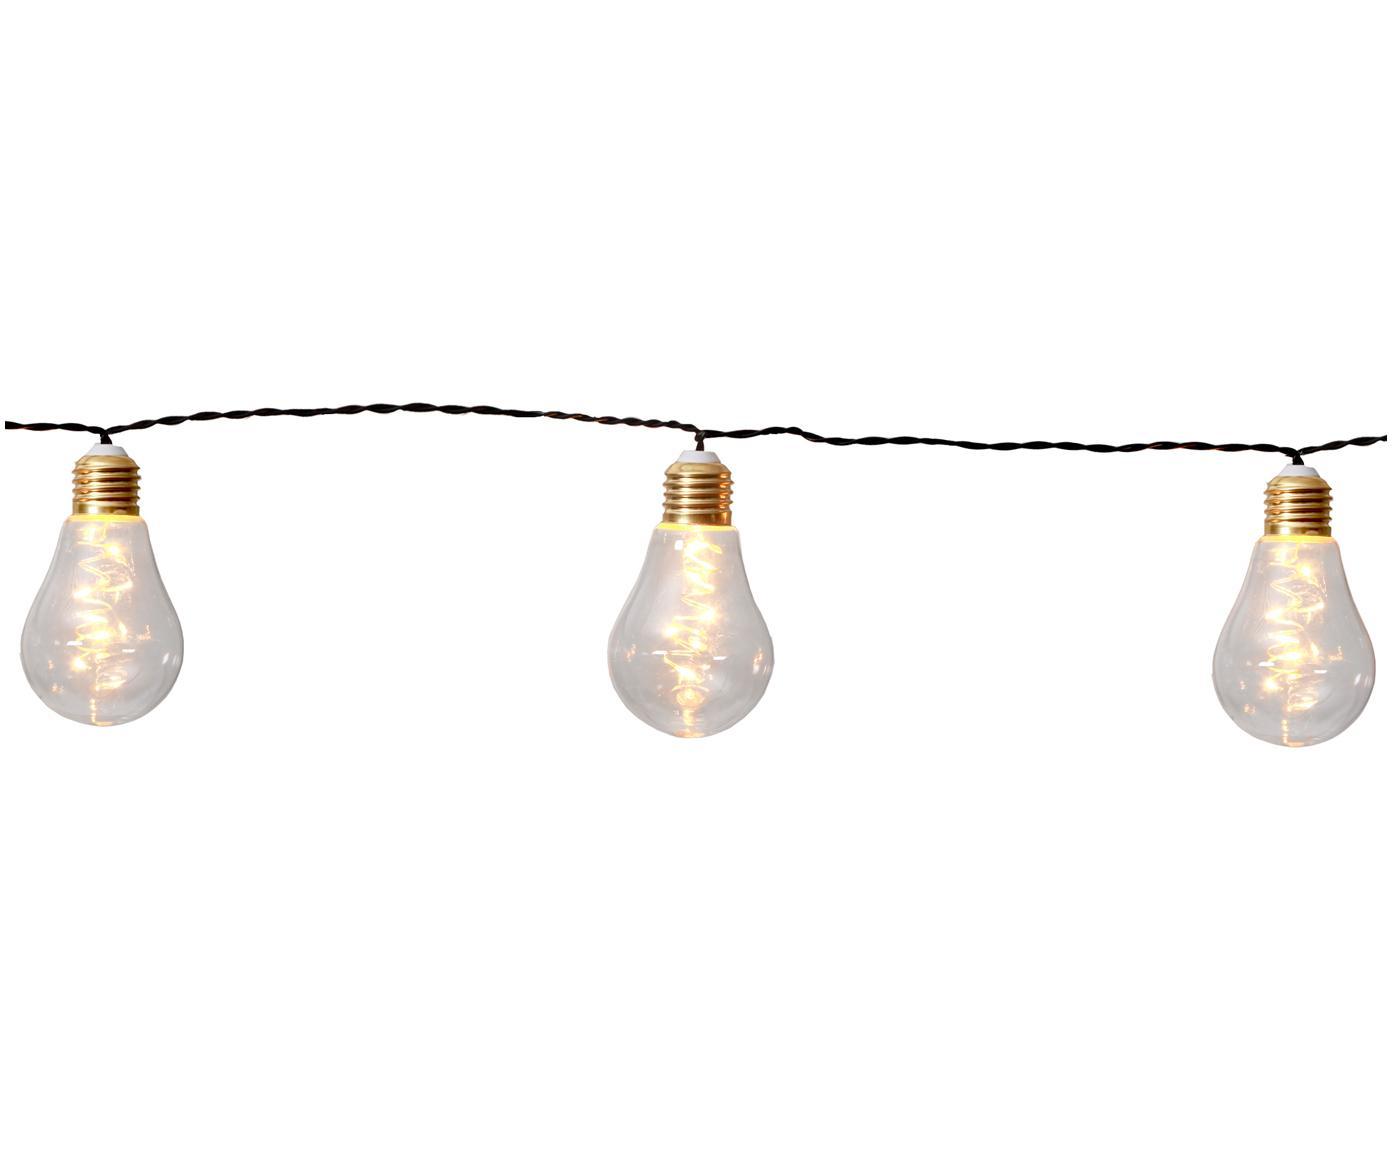 Guirnalda de luces LED Bulb, 360cm, Cable: plástico, Bombillas: transparente, dorado Cable: negro, L 360 cm